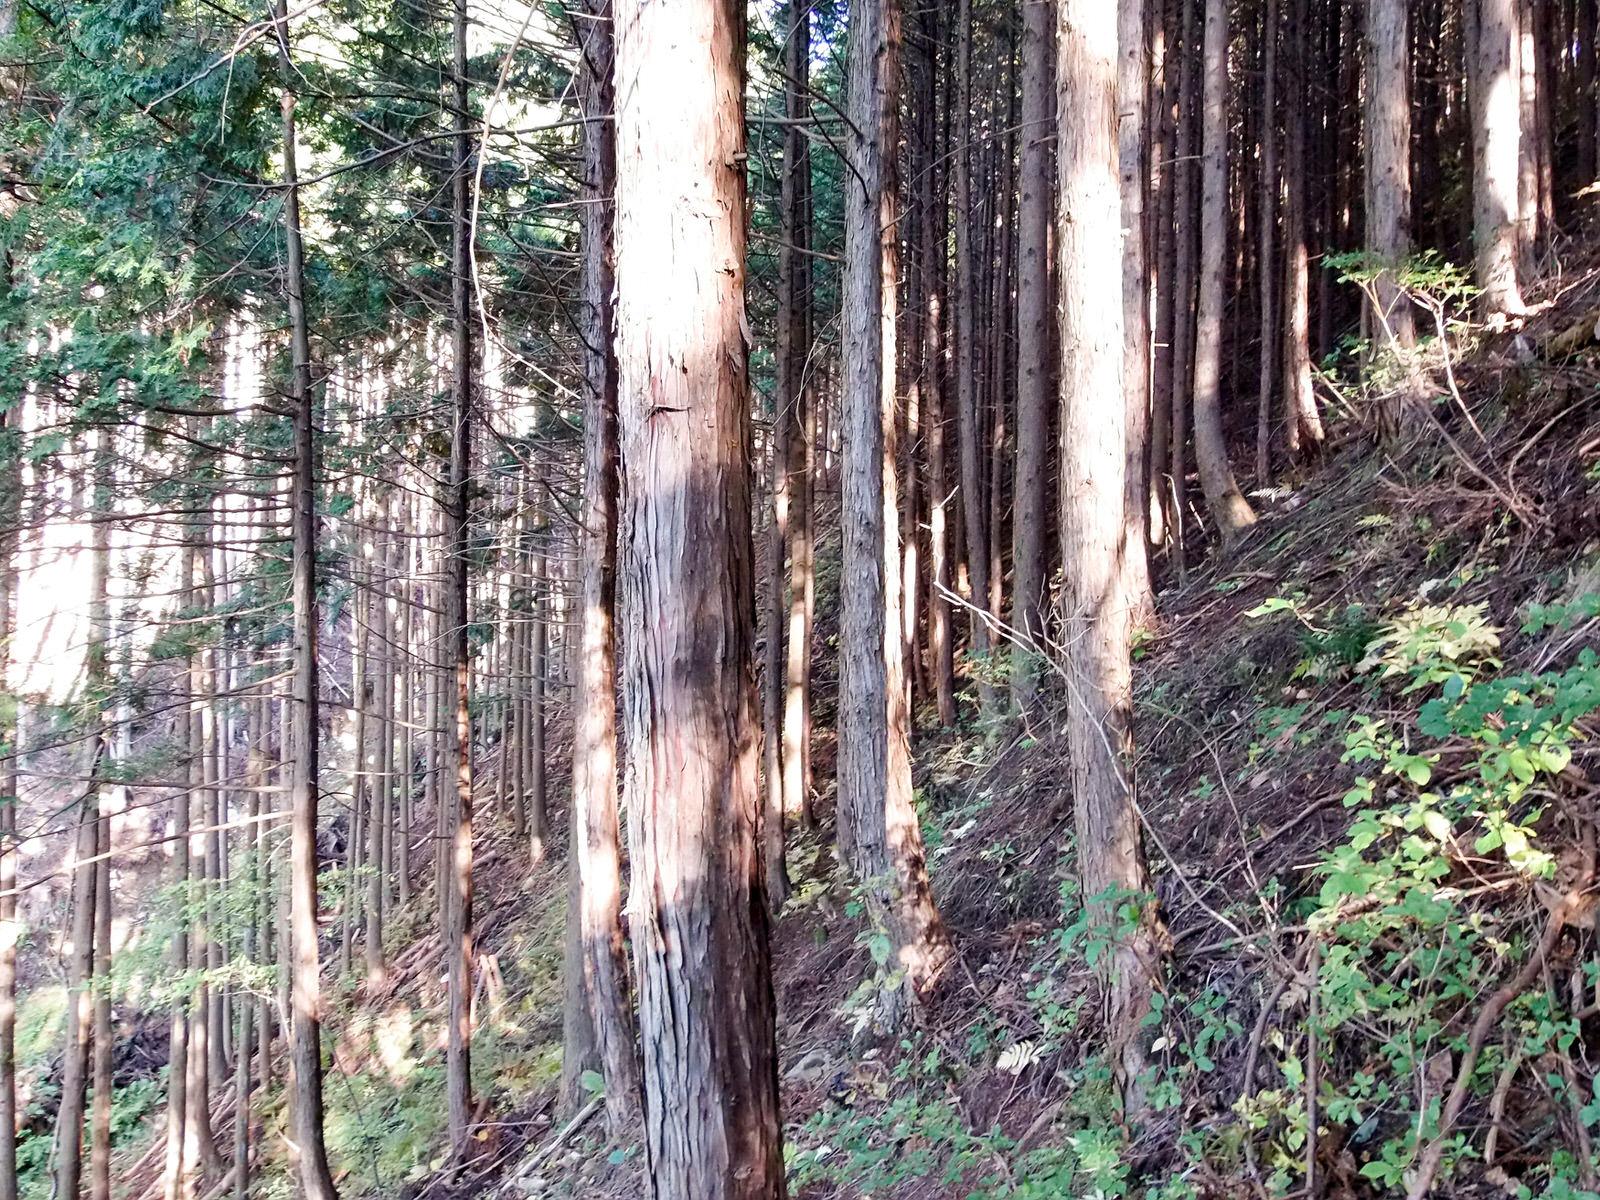 間伐が行われる前の森の状態(樹間が狭い)